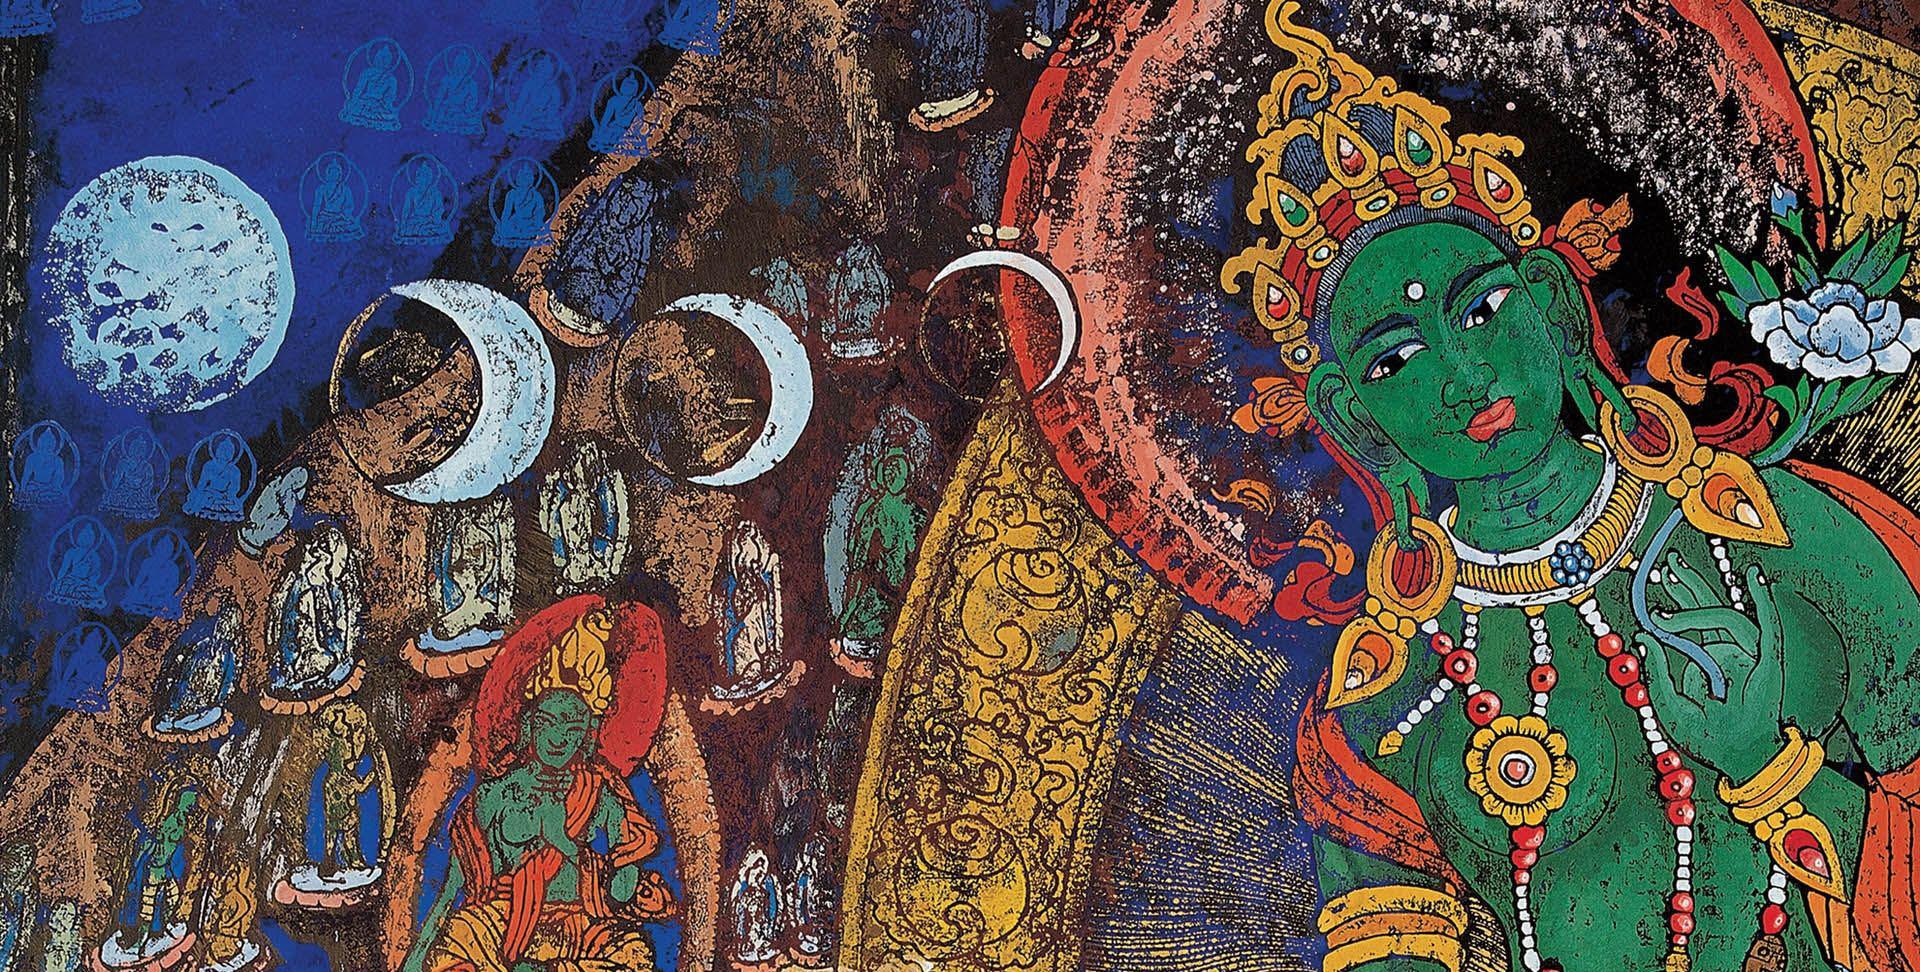 4 марта. Расписание интернет-трансляций буддийских учений и ритуалов